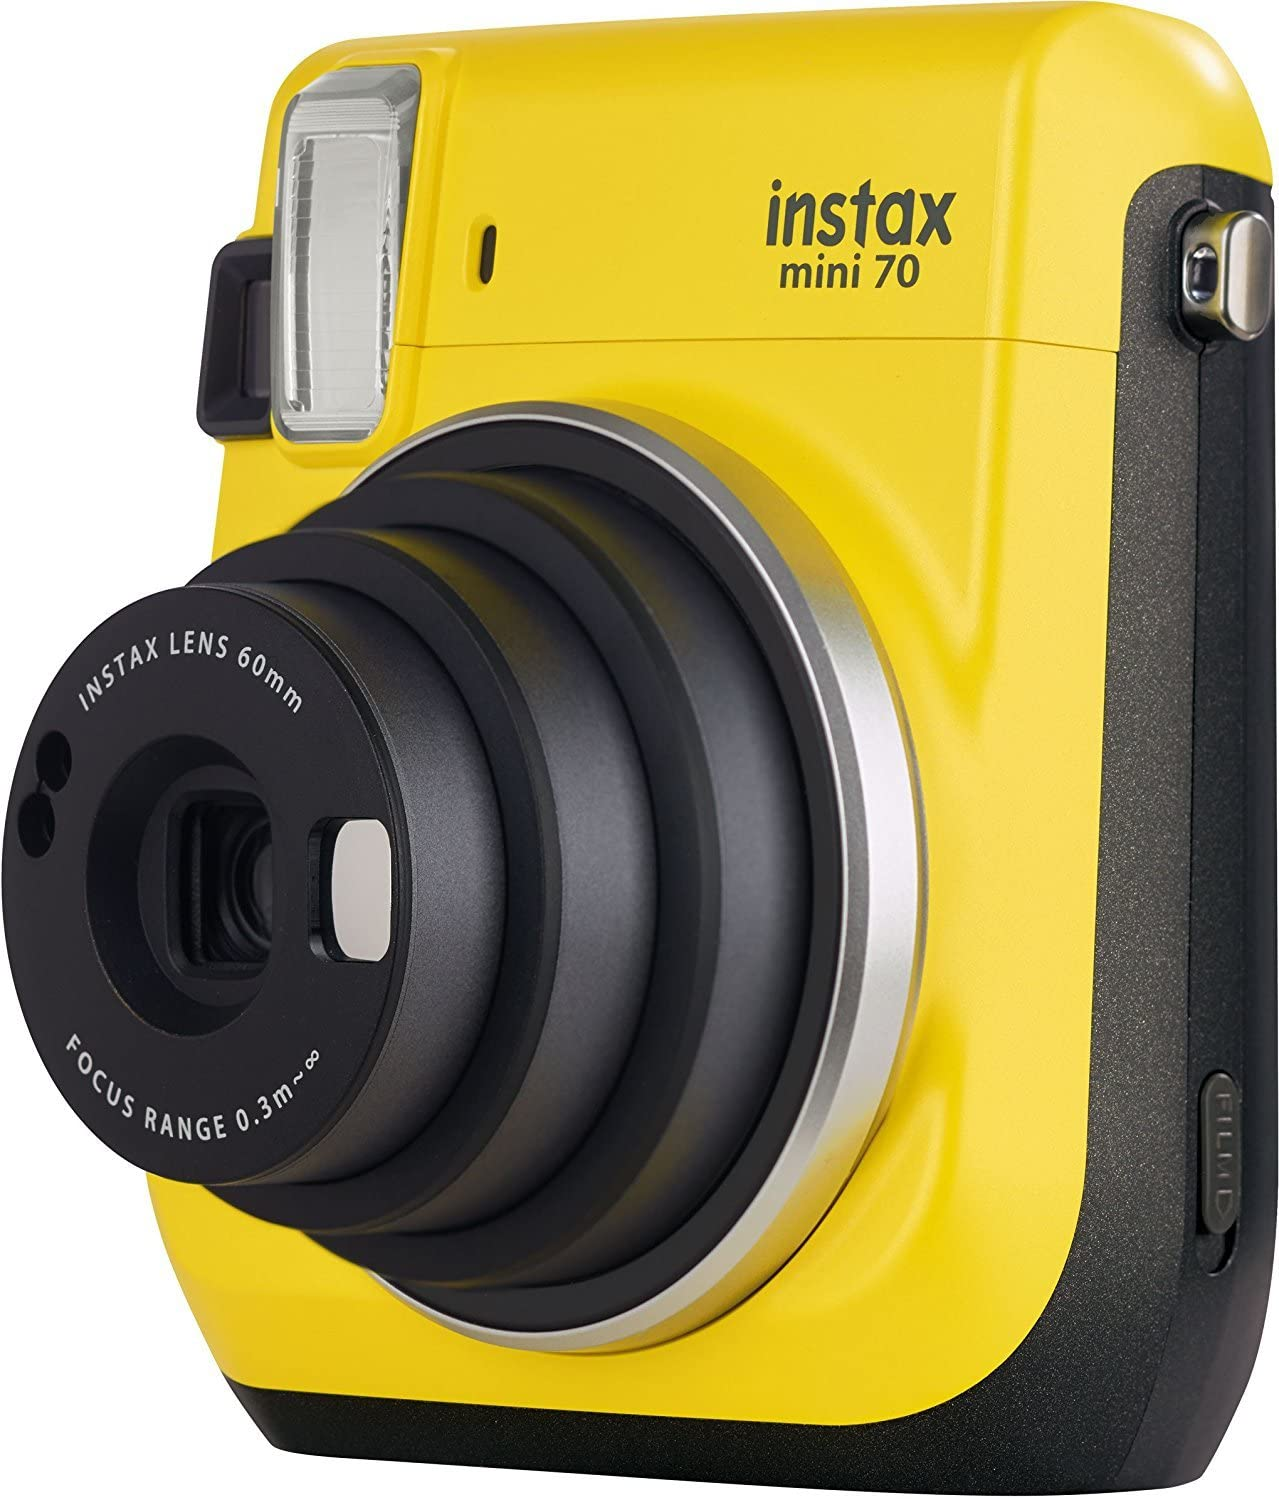 Fujifilm Instax Mini 70 - Cámara analógica instantánea (ISO 800, 0.37x, 60 mm, 1:12.7, Flash automático, Modo autorretrato, exposición automática, Temporizador, Modo Macro), Amarillo Canario: Amazon.es: Electrónica